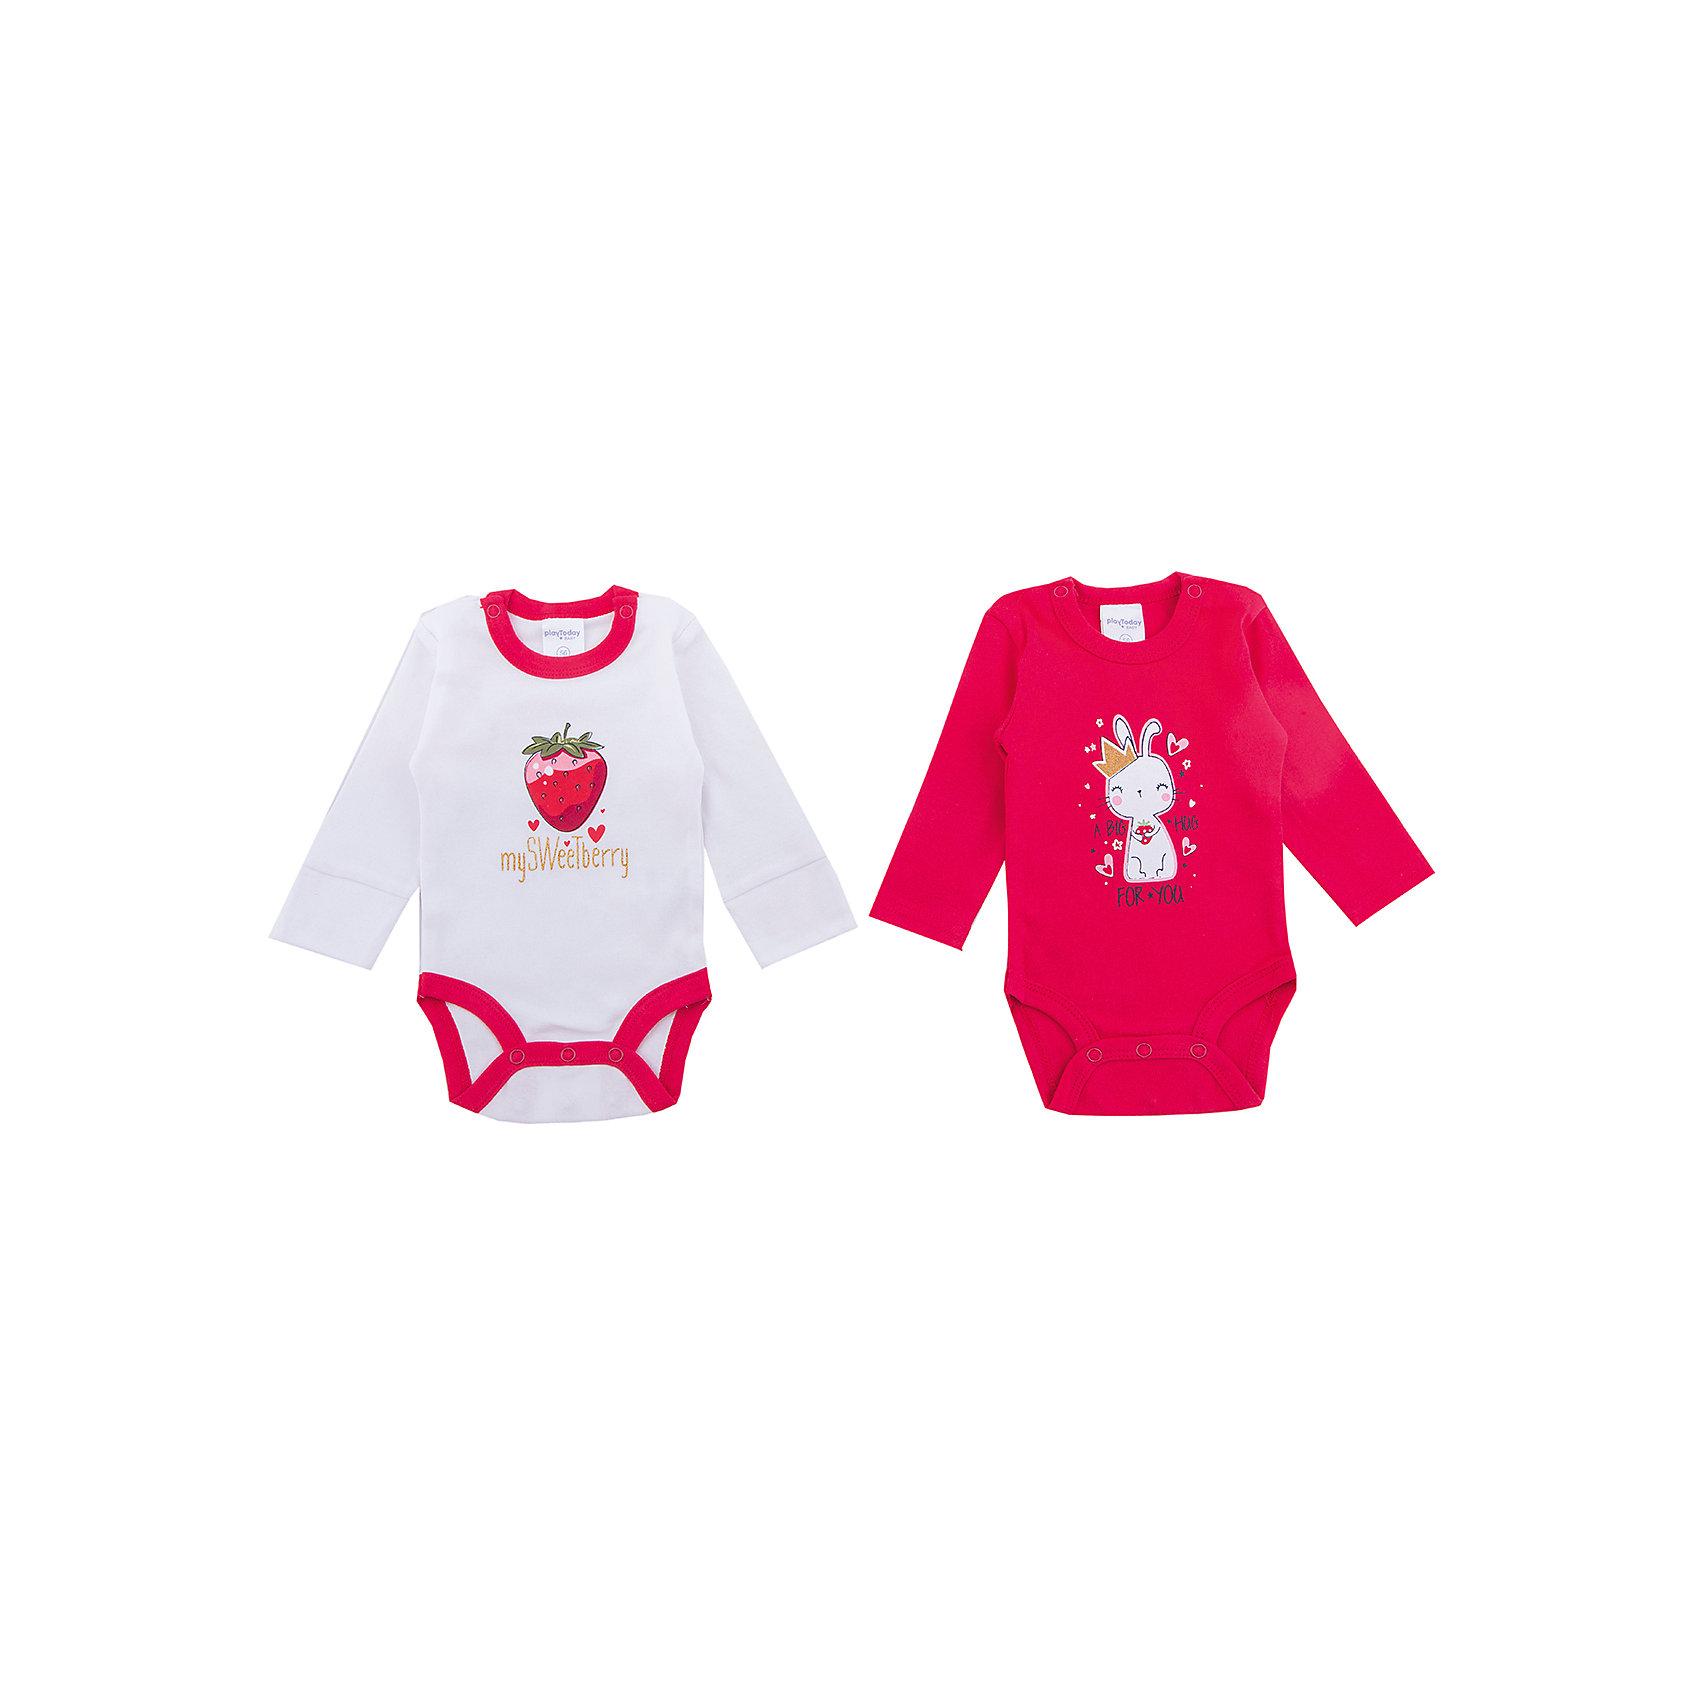 Боди, 2 шт  PlayToday для девочкиБоди<br>Боди PlayToday для девочки<br>Комплект боди с длинными рукавами разнообразит гардероб ребенка. Горловины моделей дополнены застежками - кнопками. Для быстрой смены подгузника паховая часть изделий также на удобных кнопках. В коллекциях для новорожденых предусмотрены специальные манжеты, которые можно превратить в рукавички - ребенок не сможет себя поранить и оцарапать. В качестве декора использованы яркие принты. Натуральная ткань и аккуратные швы не вызывают раздражений и неприятных ощущений. Модели с двумя рядами кнопок Растем вместе - боди растет вместе с ребенком.<br>Состав:<br>100% хлопок<br><br>Ширина мм: 157<br>Глубина мм: 13<br>Высота мм: 119<br>Вес г: 200<br>Цвет: белый<br>Возраст от месяцев: 0<br>Возраст до месяцев: 3<br>Пол: Женский<br>Возраст: Детский<br>Размер: 56,74,68,62<br>SKU: 7107322